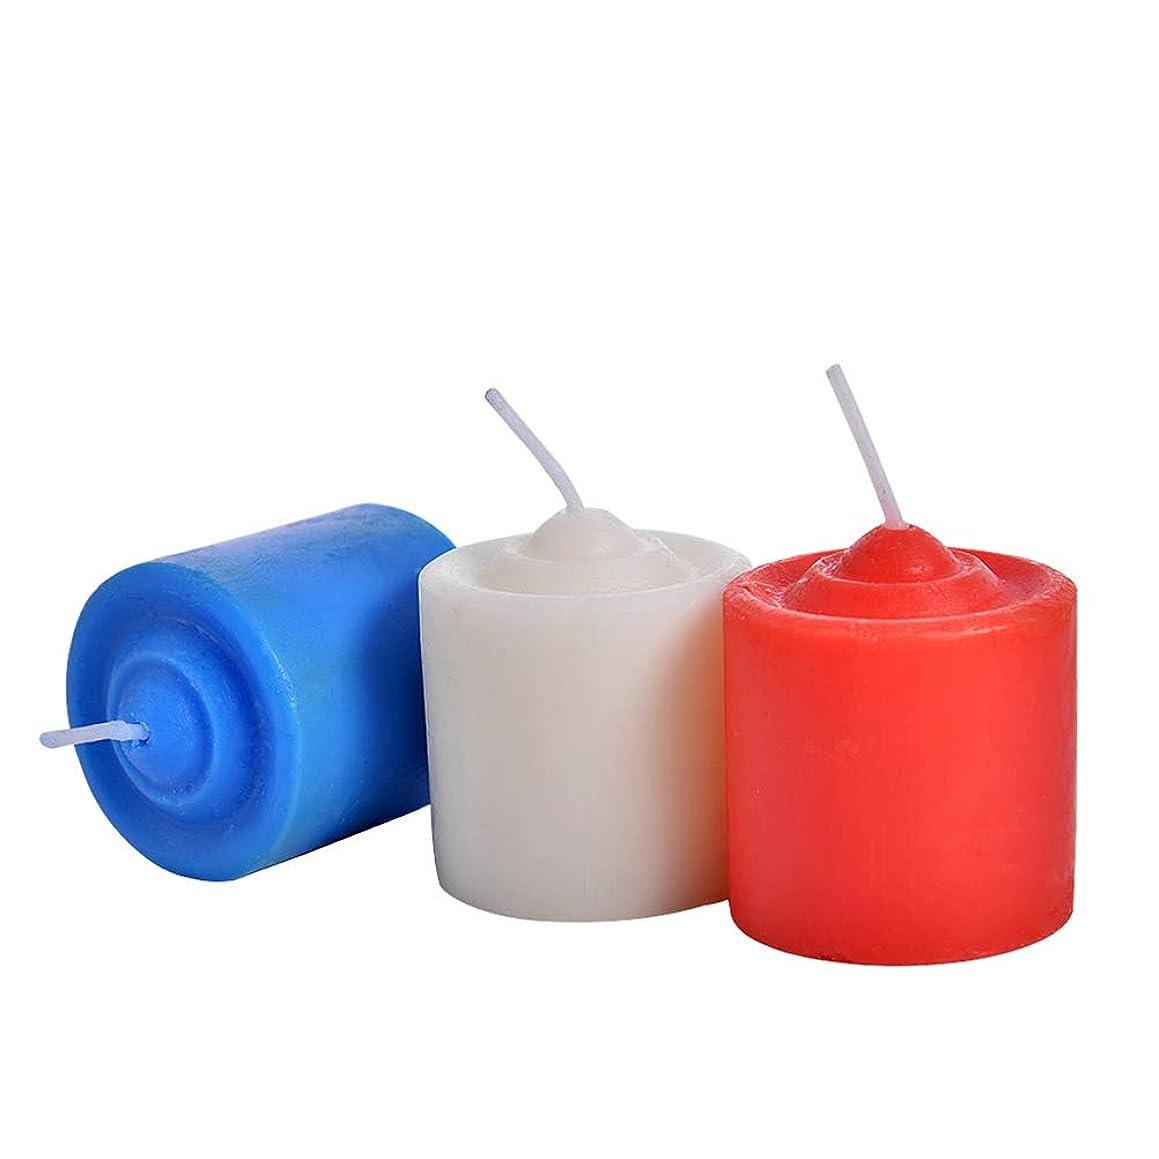 ライバルシャンプー収束するBESTOYARD 低温ローソク 低温キャンドル SM専用 大人 カップル 恋人 3ピース(赤いホワイトブルー)